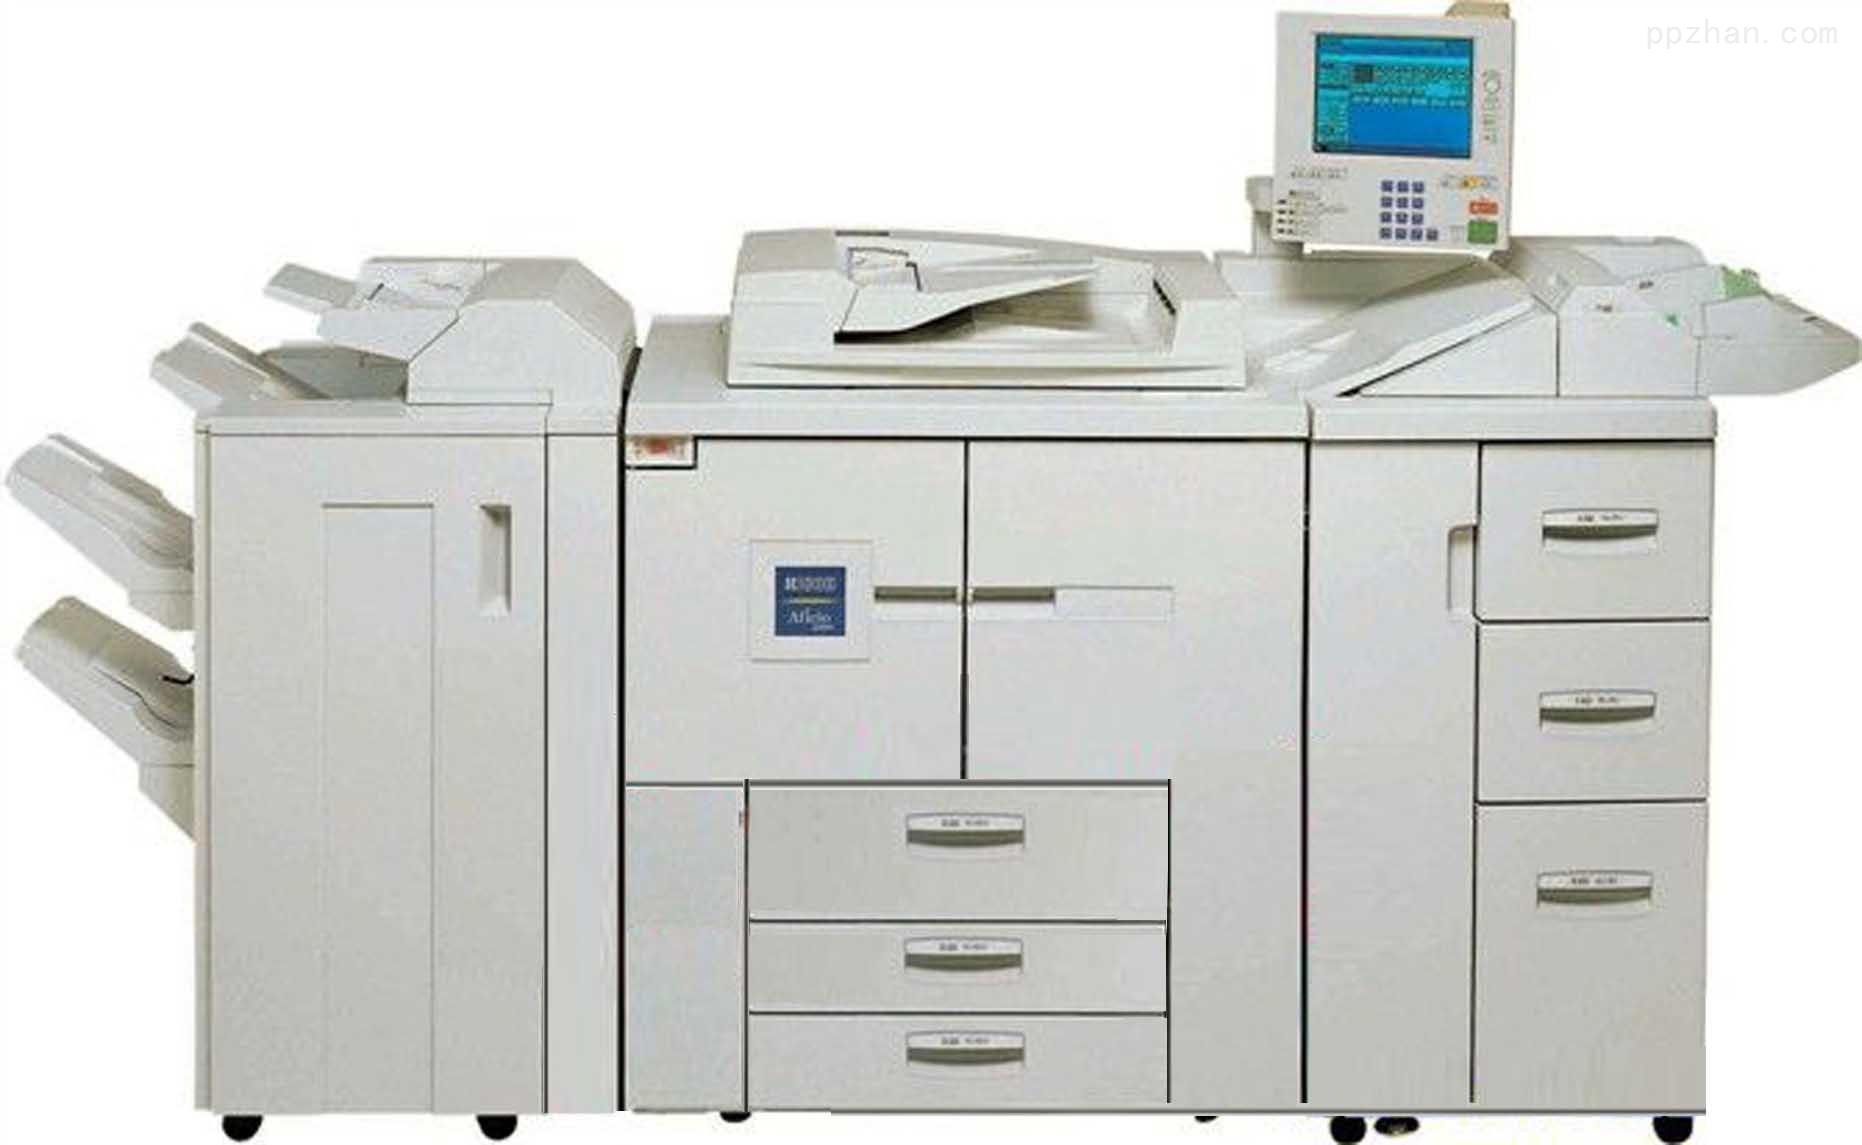 【供应】复印机租赁、销售、维修-办公设备